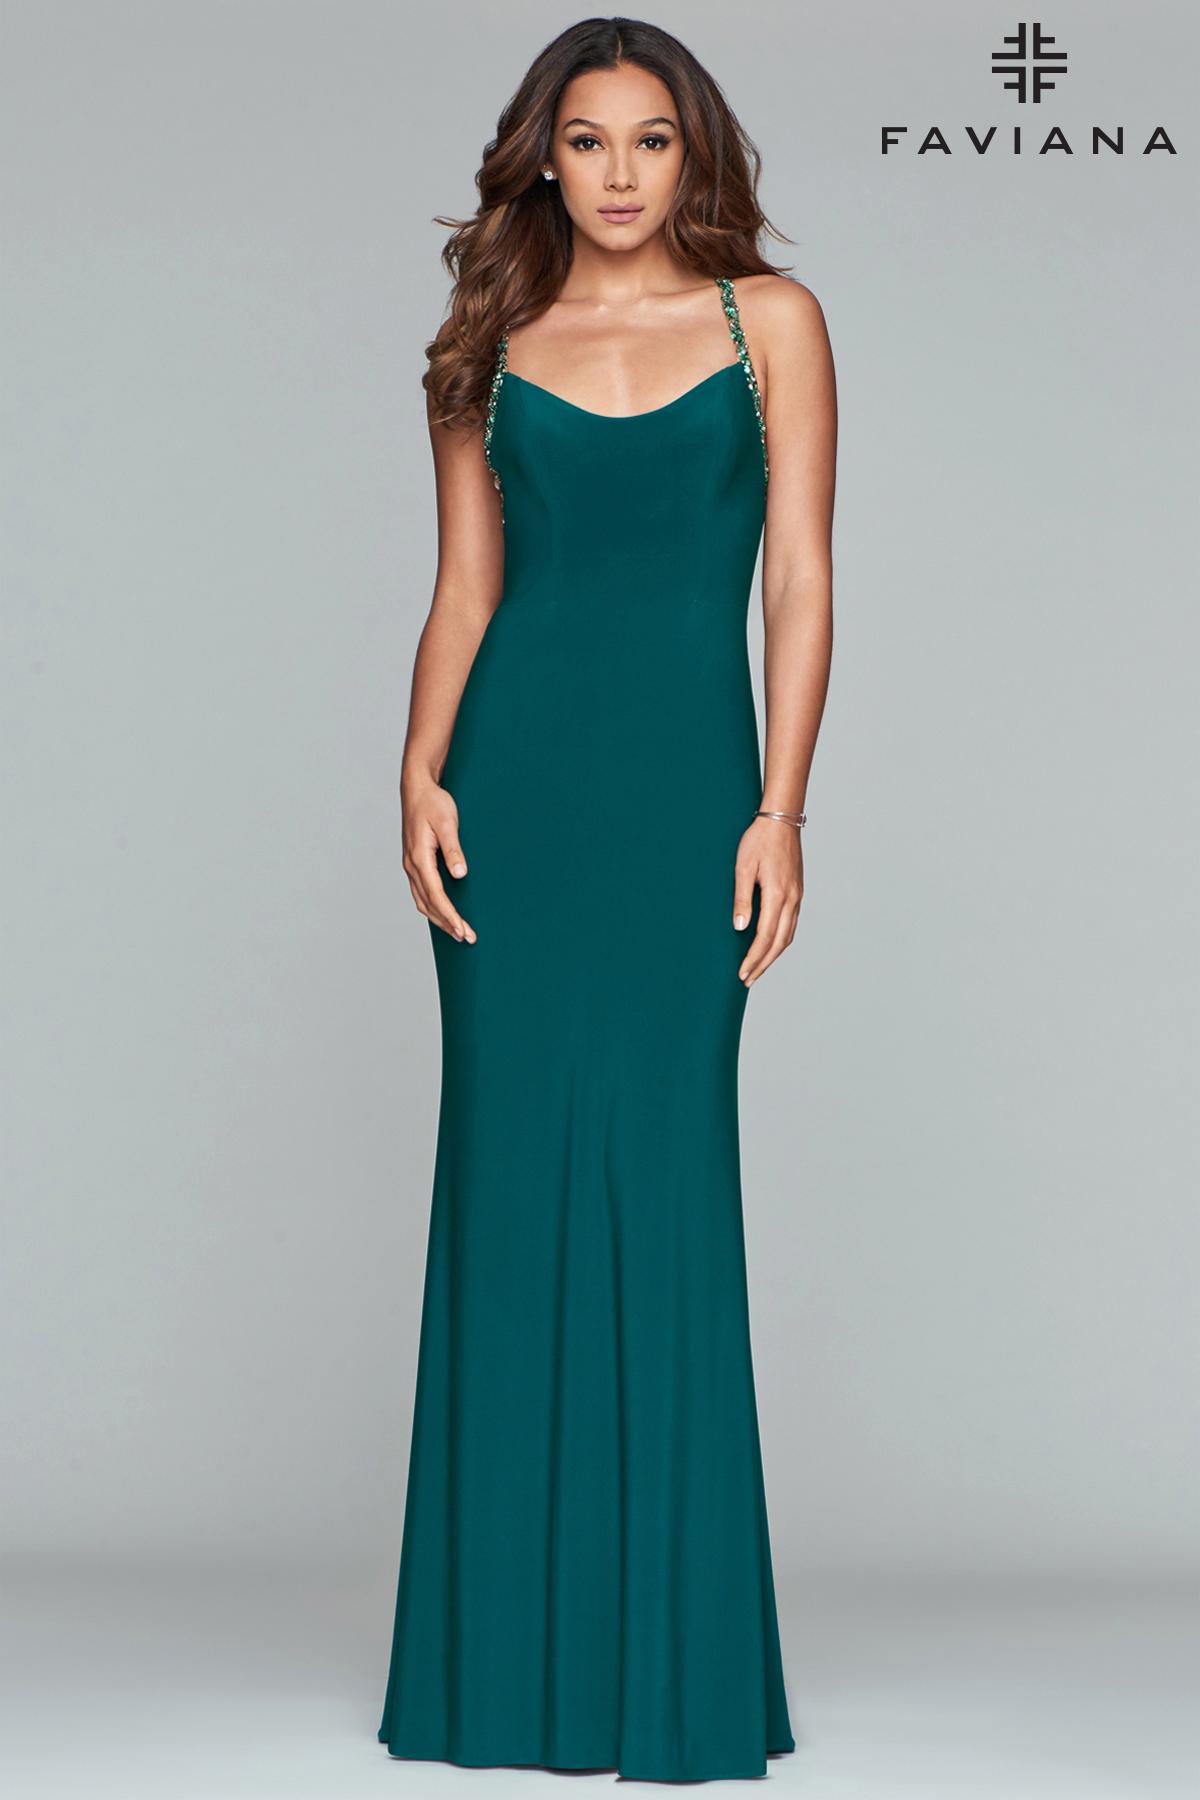 3a25b0837fe5 Grøn festkjole med åben ryg - Faviana 2019 - tp kjoler